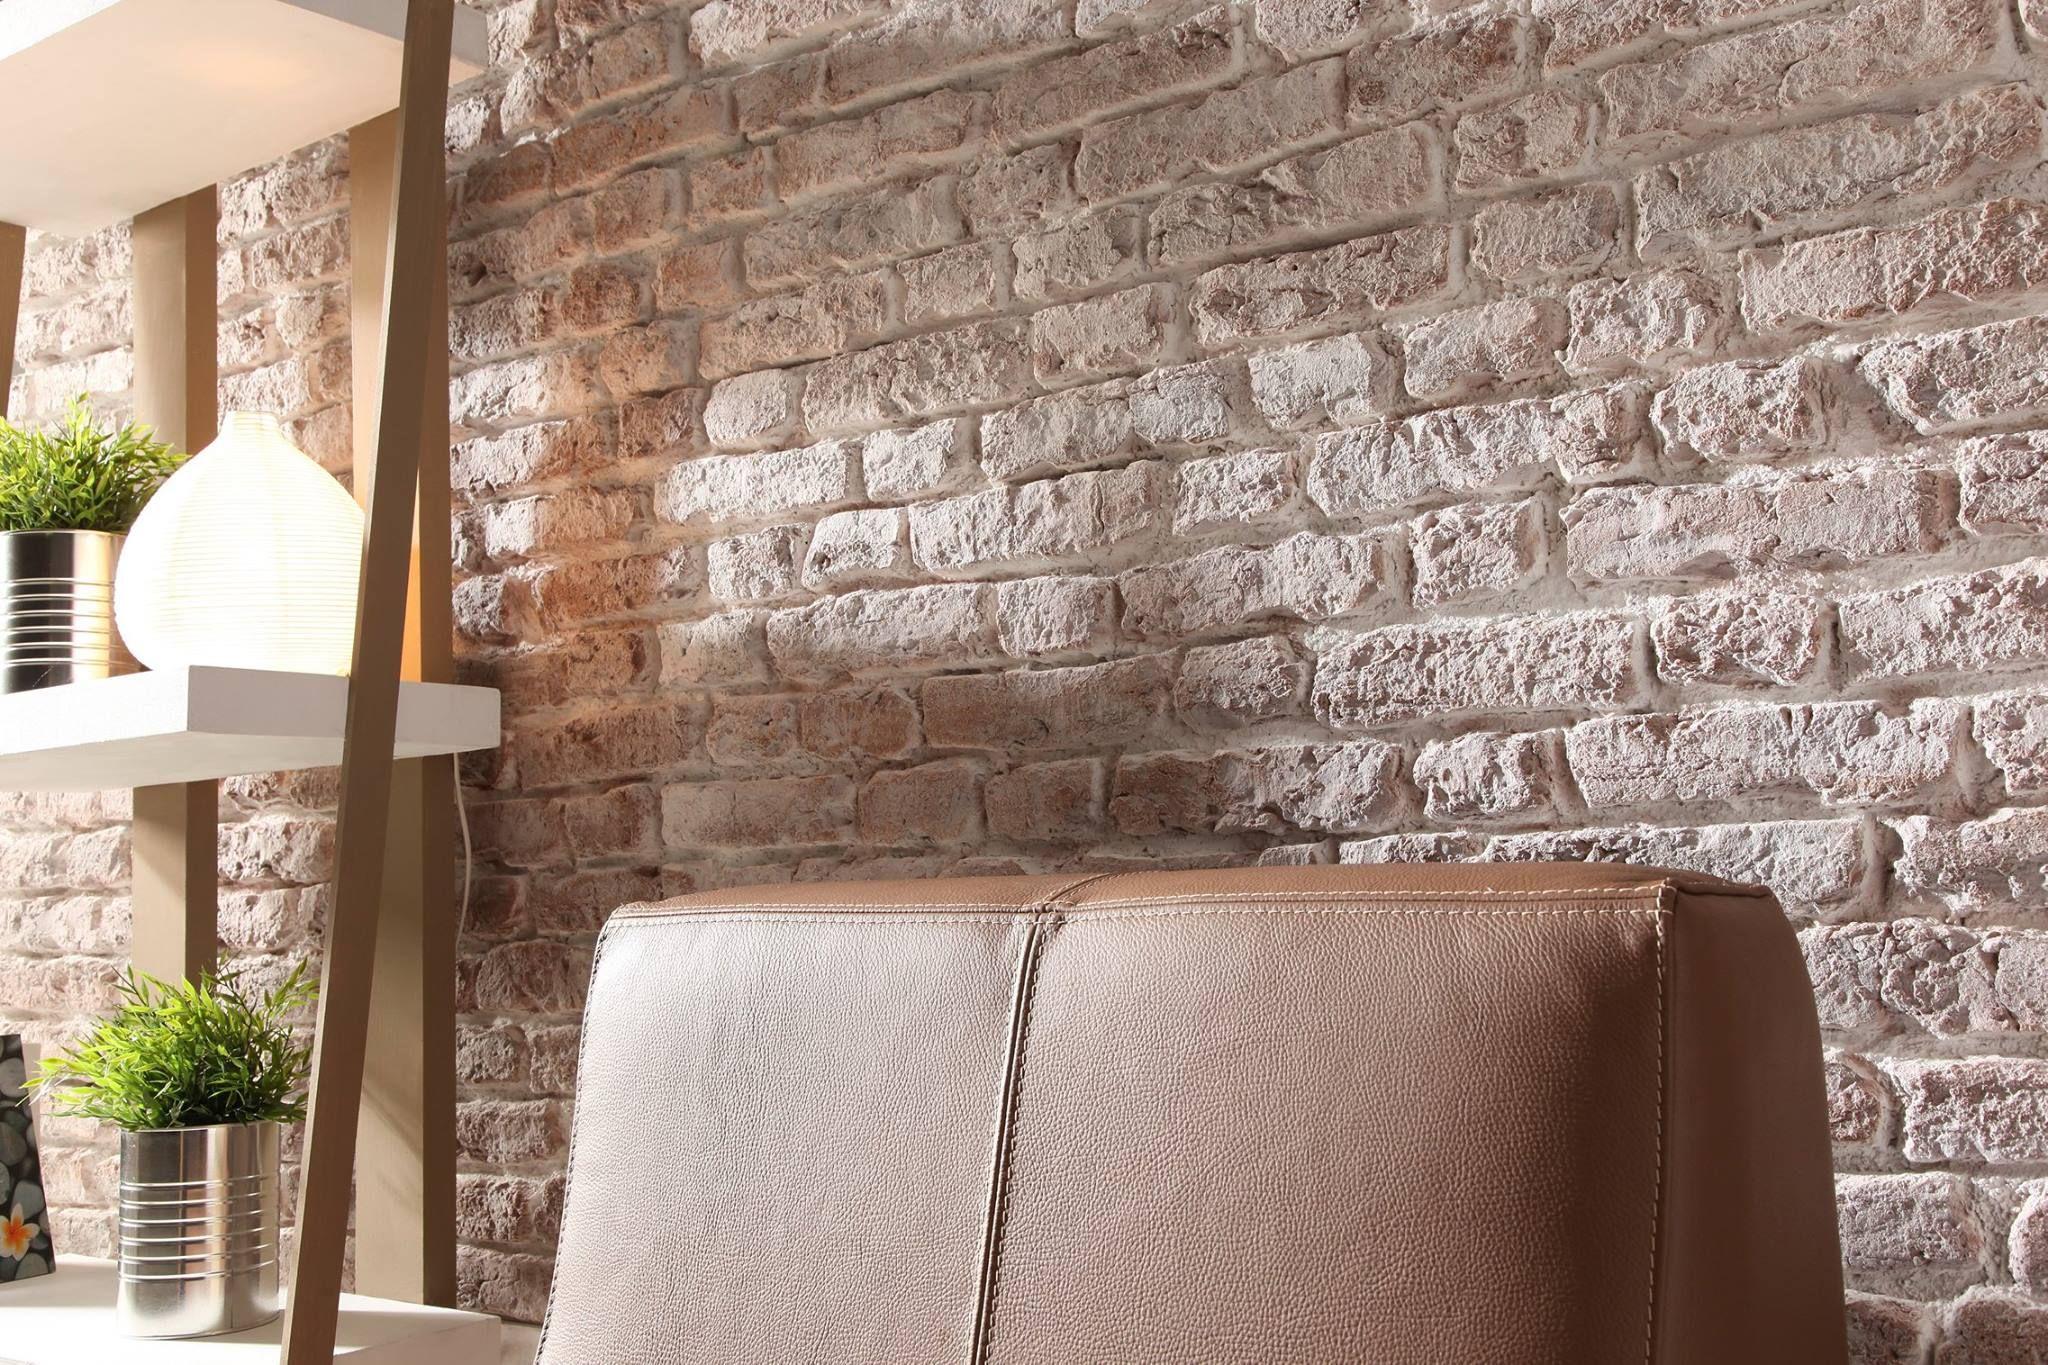 hier wurde unsere ladrillo loft aus der serie brick als steinwand im wohnzimmer eine gute wahl um ihr haus ein zuhause zu machen materials pinterest - Steinwand Im Haus